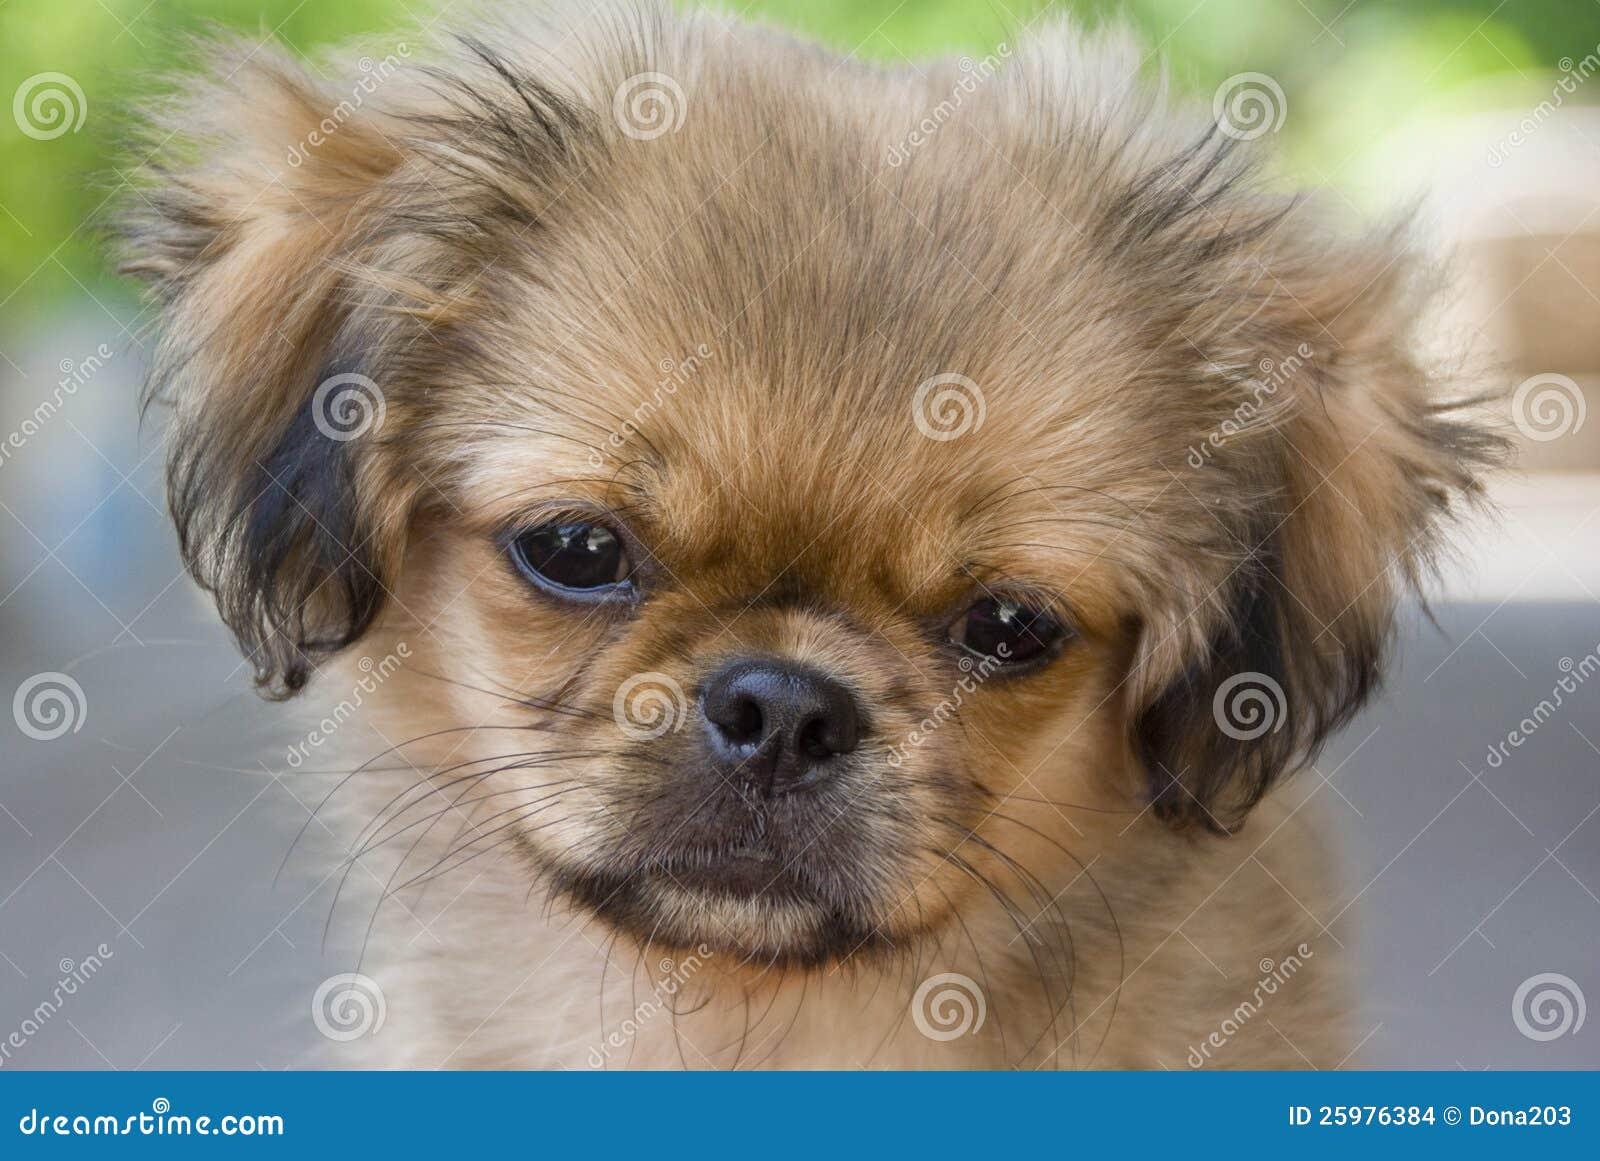 Pekingese Dog Stock Images Image 25976384